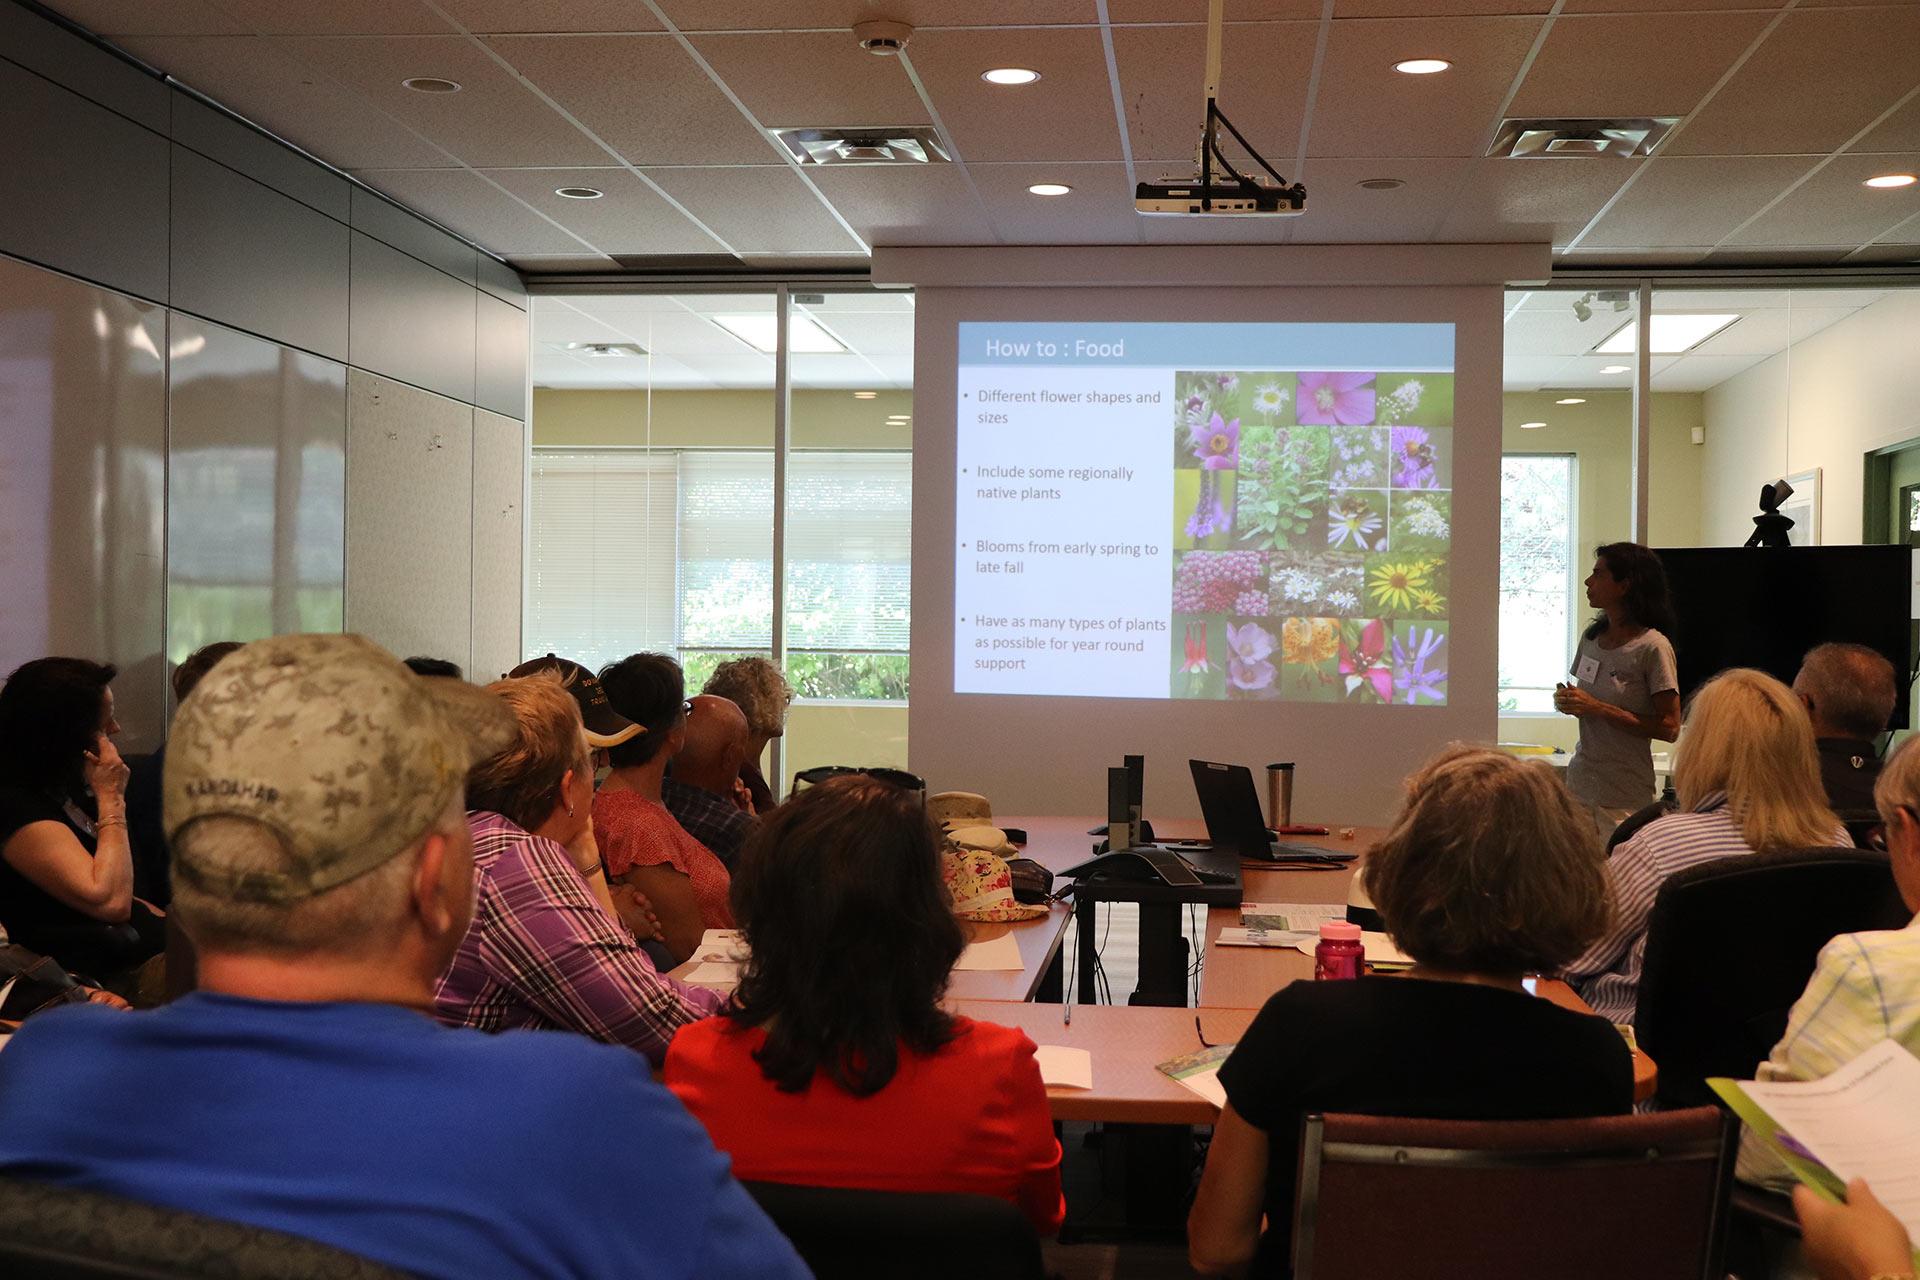 Une présentation sur le jardinage pour la faune par la FCF.